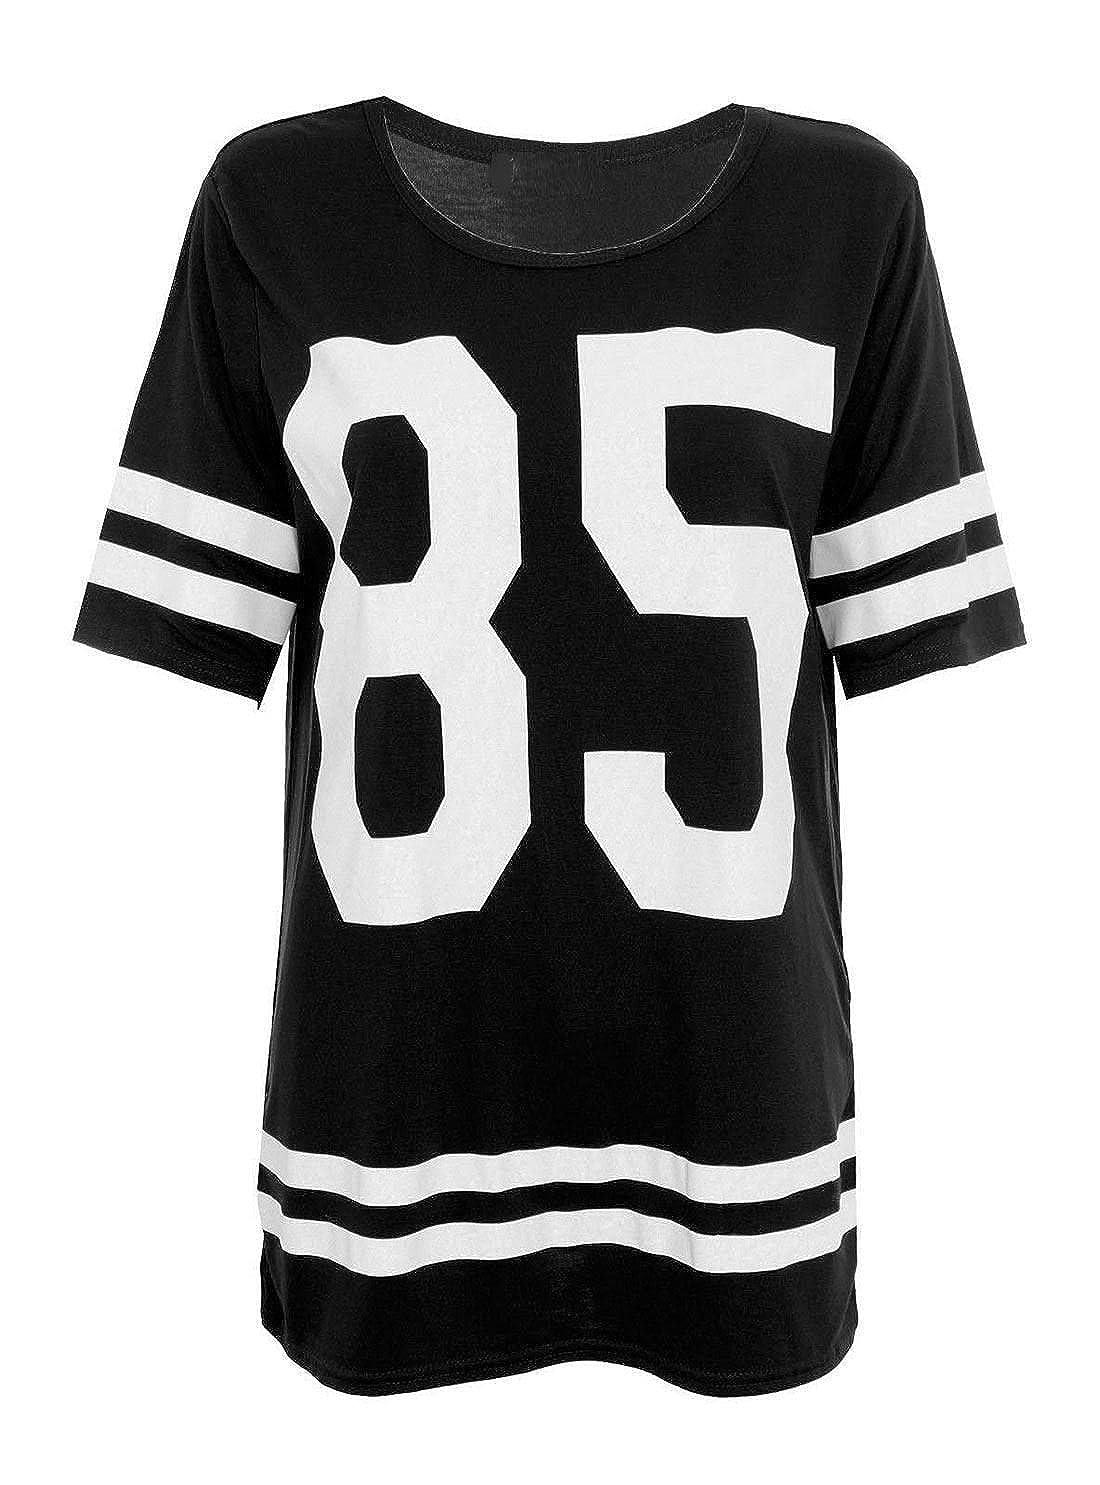 Glamour Babe - Camiseta de fútbol americano para mujer, diseño de número 85, color negro: Amazon.es: Ropa y accesorios